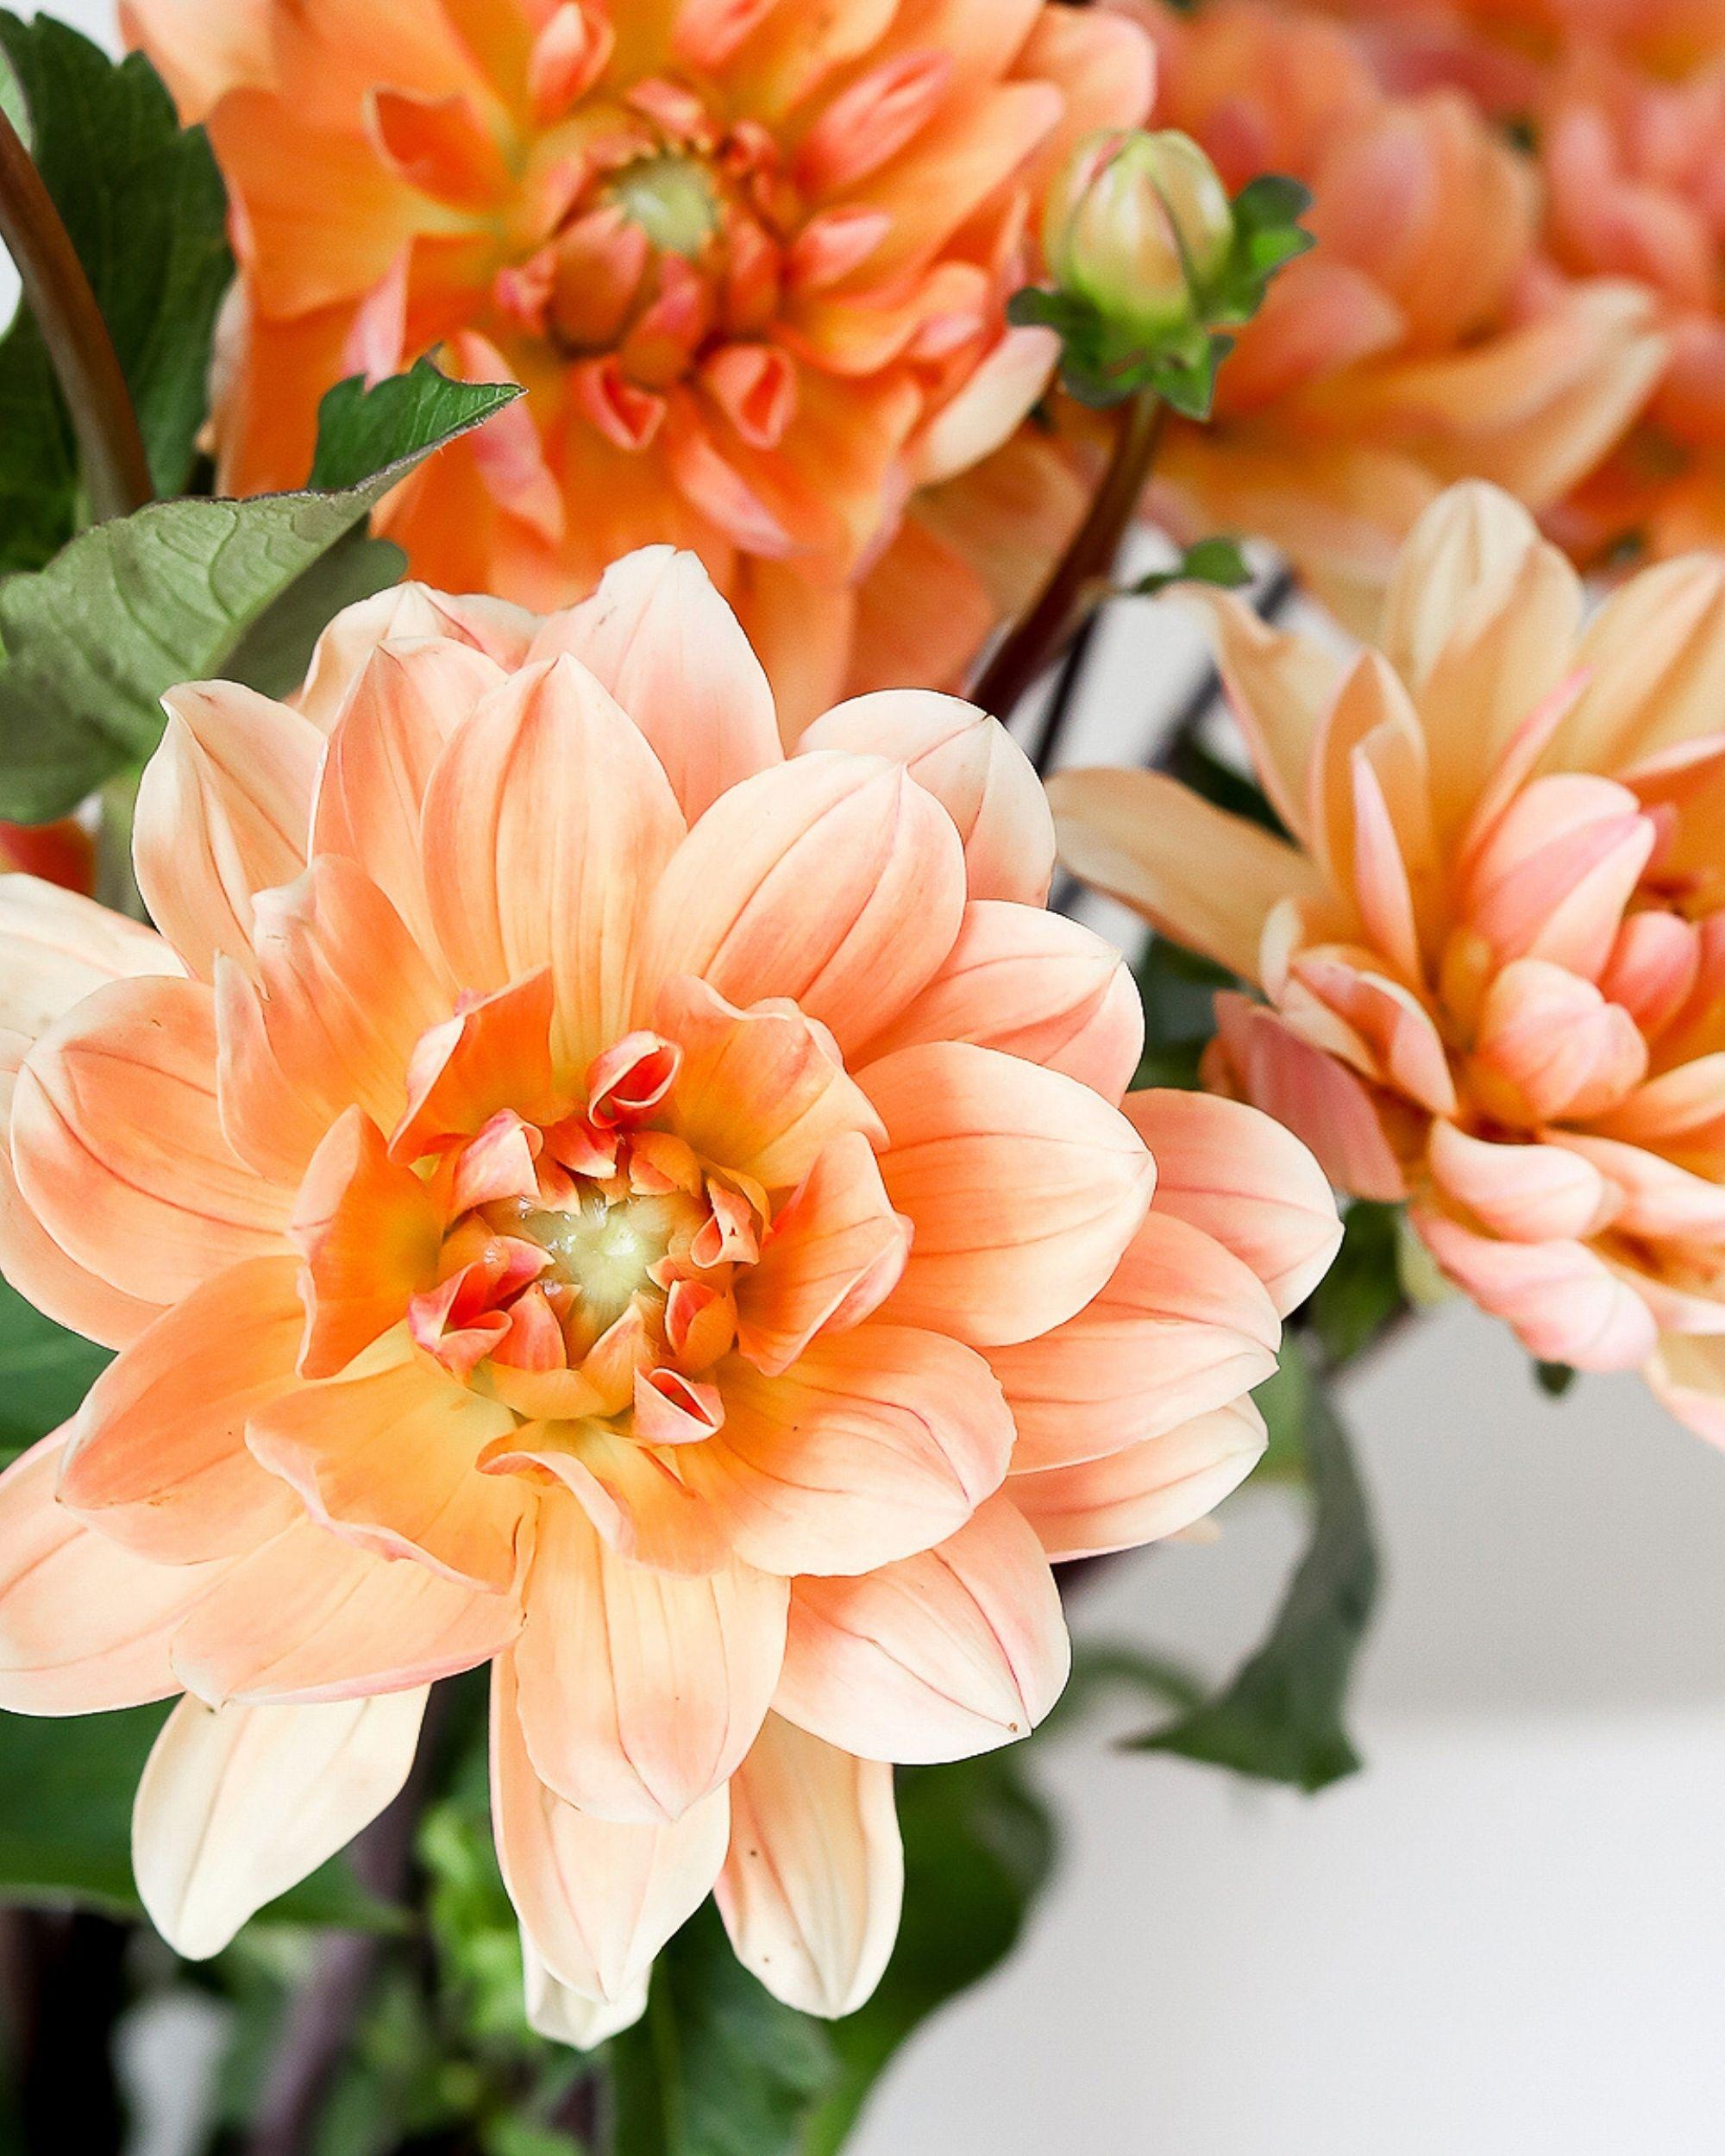 gfmi faith flowers